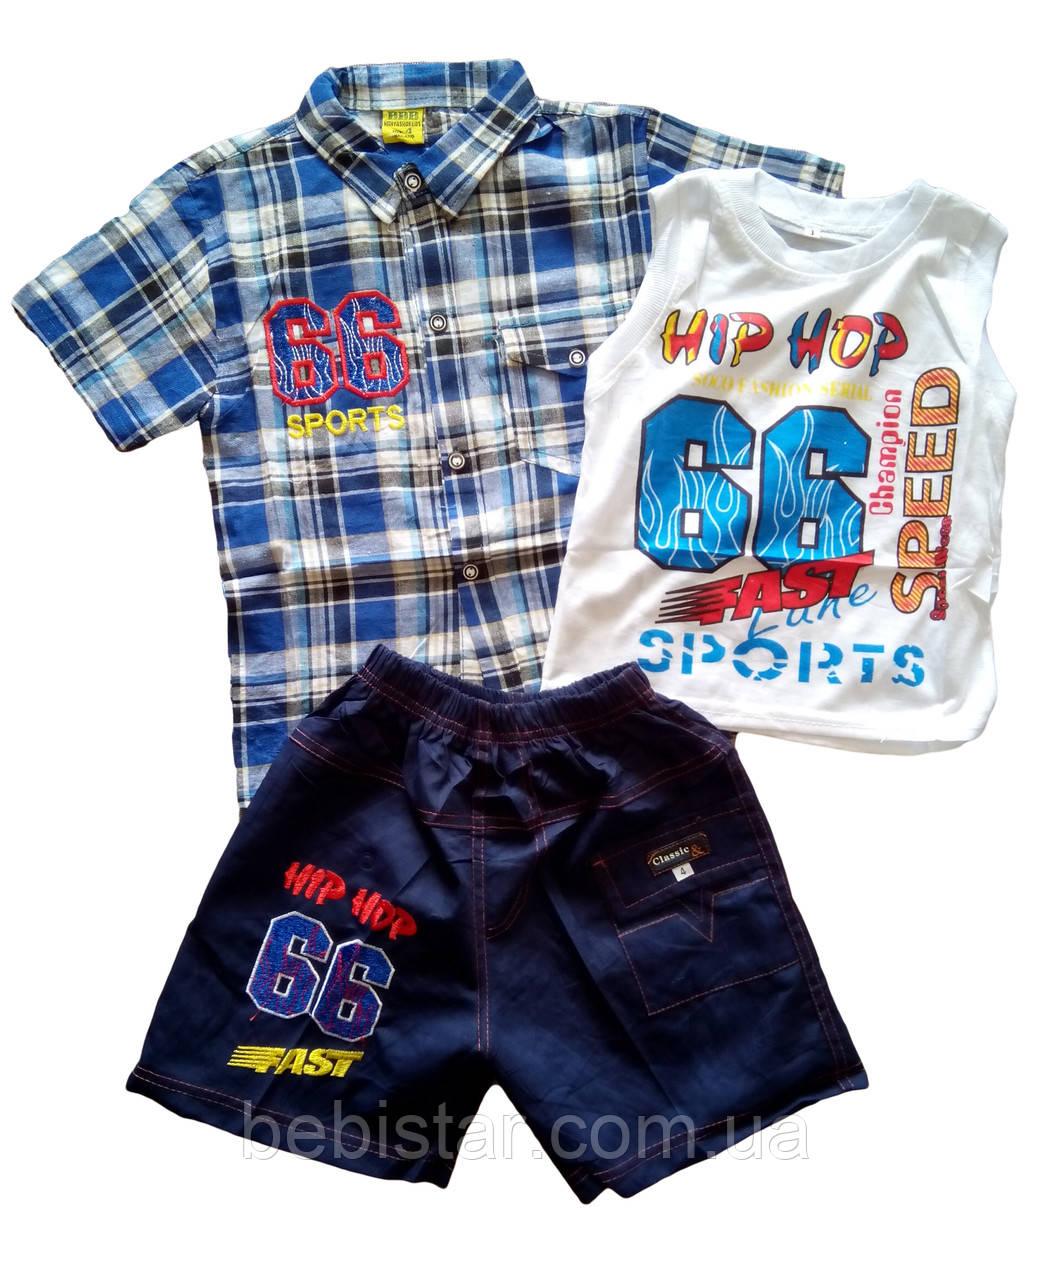 Рубашка в синюю клетку, футболка и шорты мальчику 1-4 года